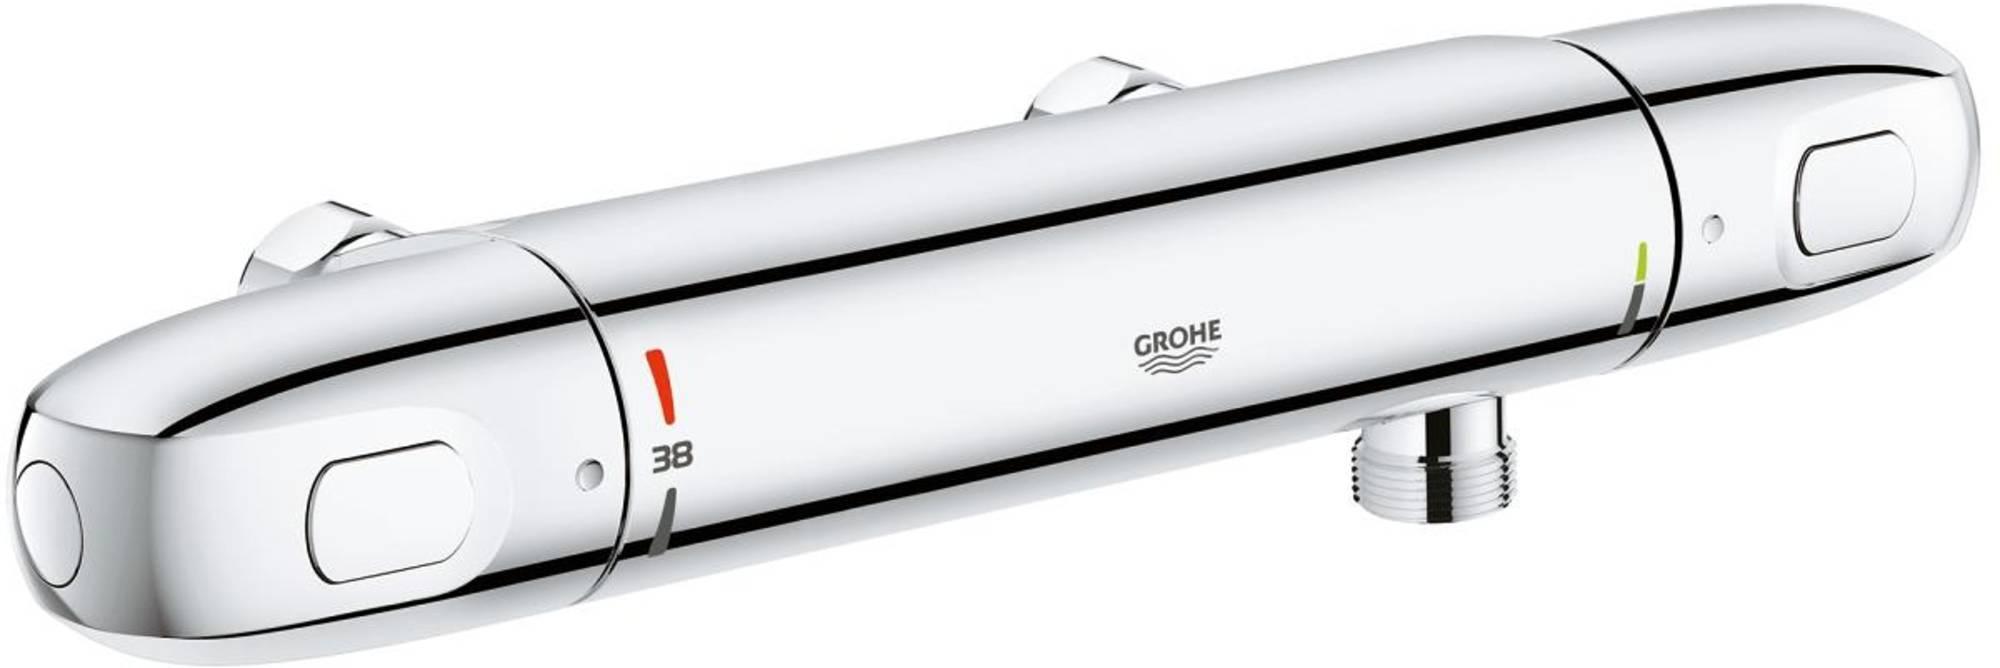 Grohe Grohtherm 1000 New Douchethermostaat zonder koppelingen Chroom